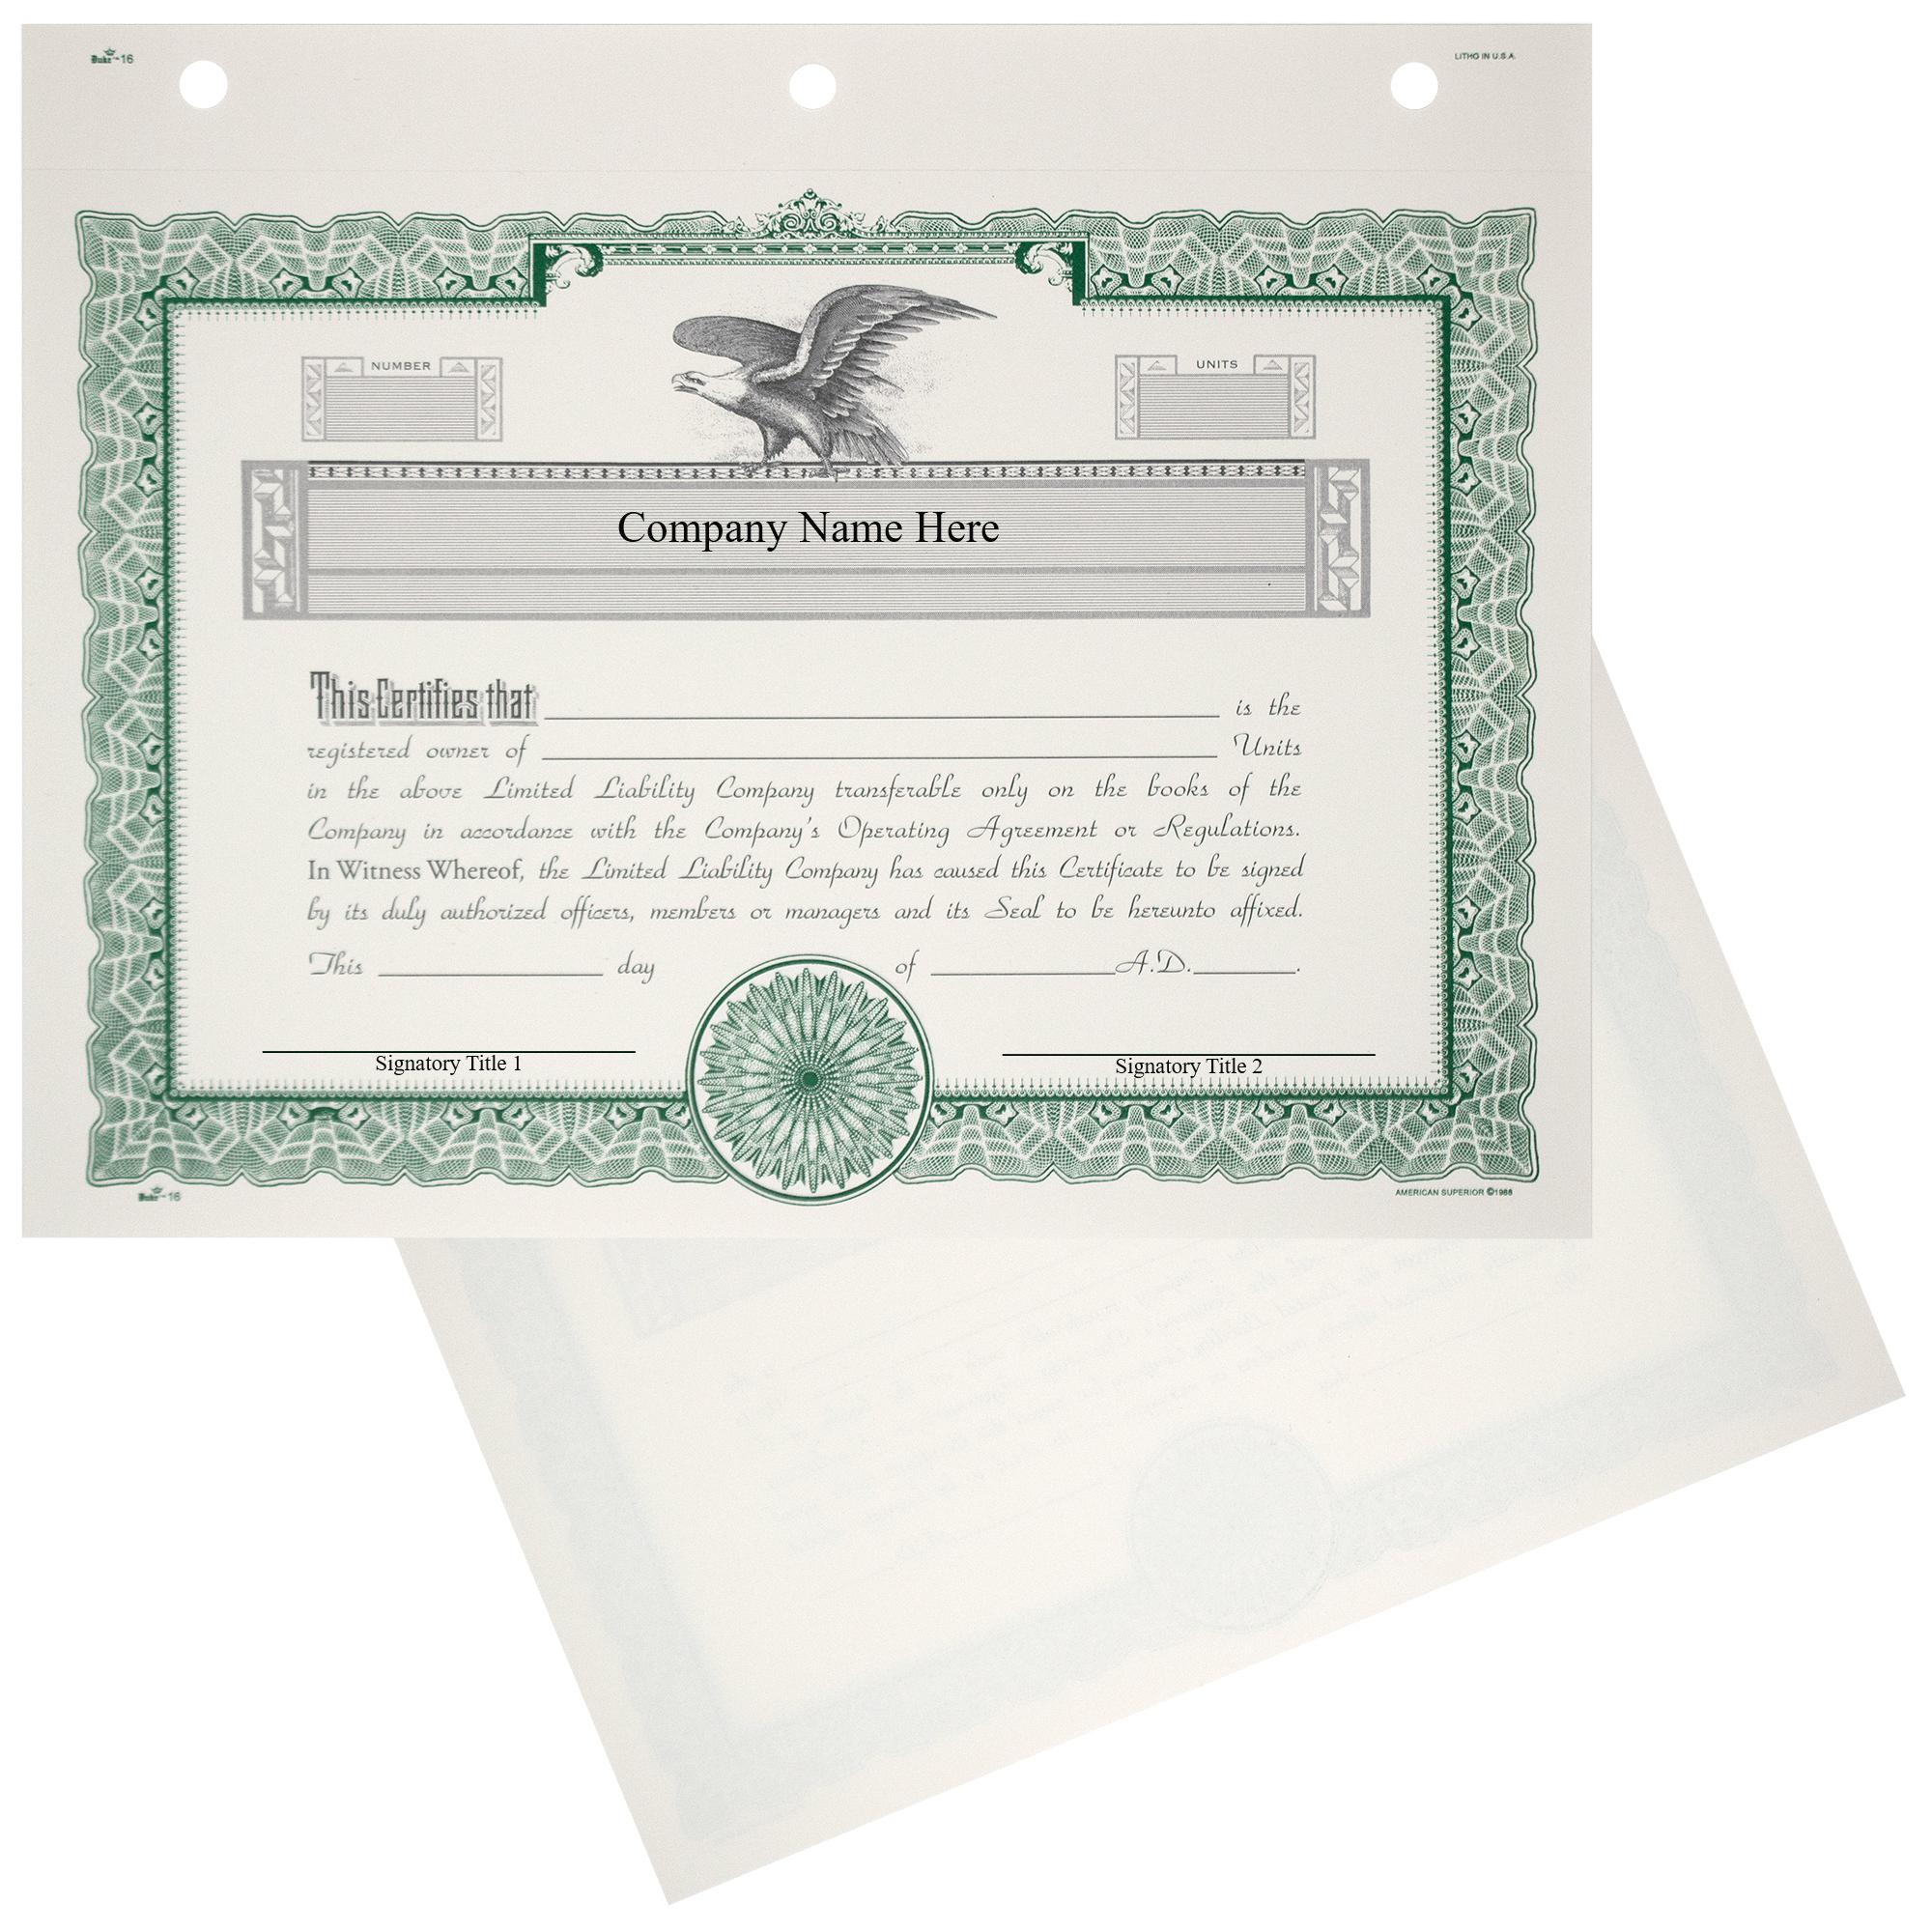 Duke 16 LLC Membership Certificates   Quantity of 20 or More